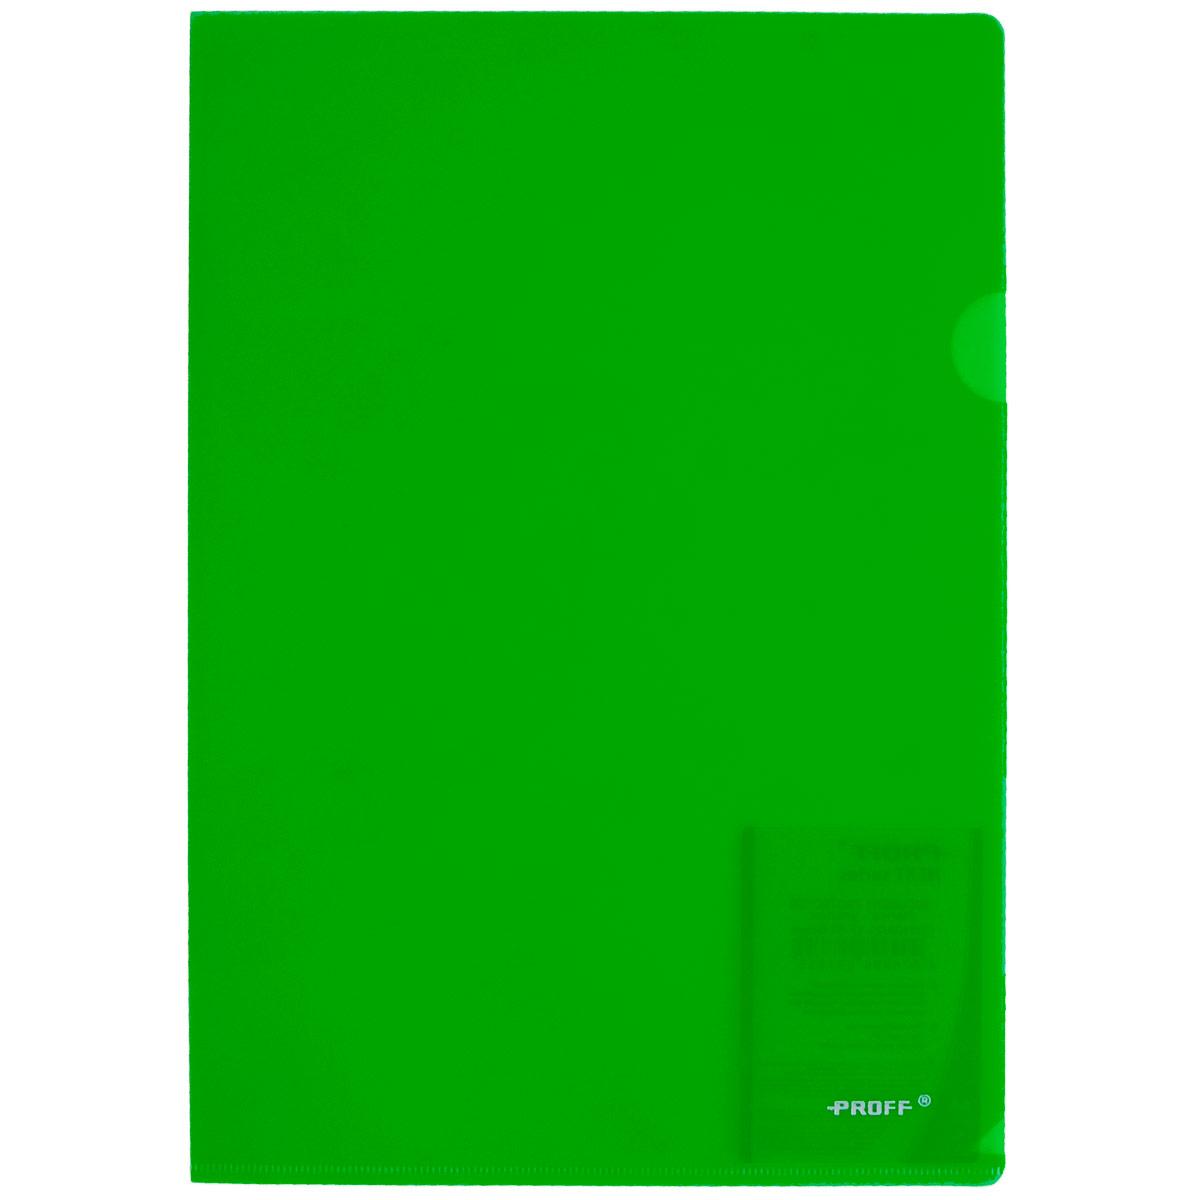 Папка-уголок Proff Alpha, цвет: зеленый. Формат А4CH510A/20-TF-03Папка-уголок Proff Alpha, изготовленная из высококачественного полипропилена, это удобный и практичный офисный инструмент, предназначенный для хранения и транспортировки рабочих бумаг и документов формата А4. Полупрозрачная глянцевая папка имеет опрятный и неброский вид. Папка-уголок - это незаменимый атрибут для студента, школьника, офисного работника. Такая папка надежно сохранит ваши документы и сбережет их от повреждений, пыли и влаги.